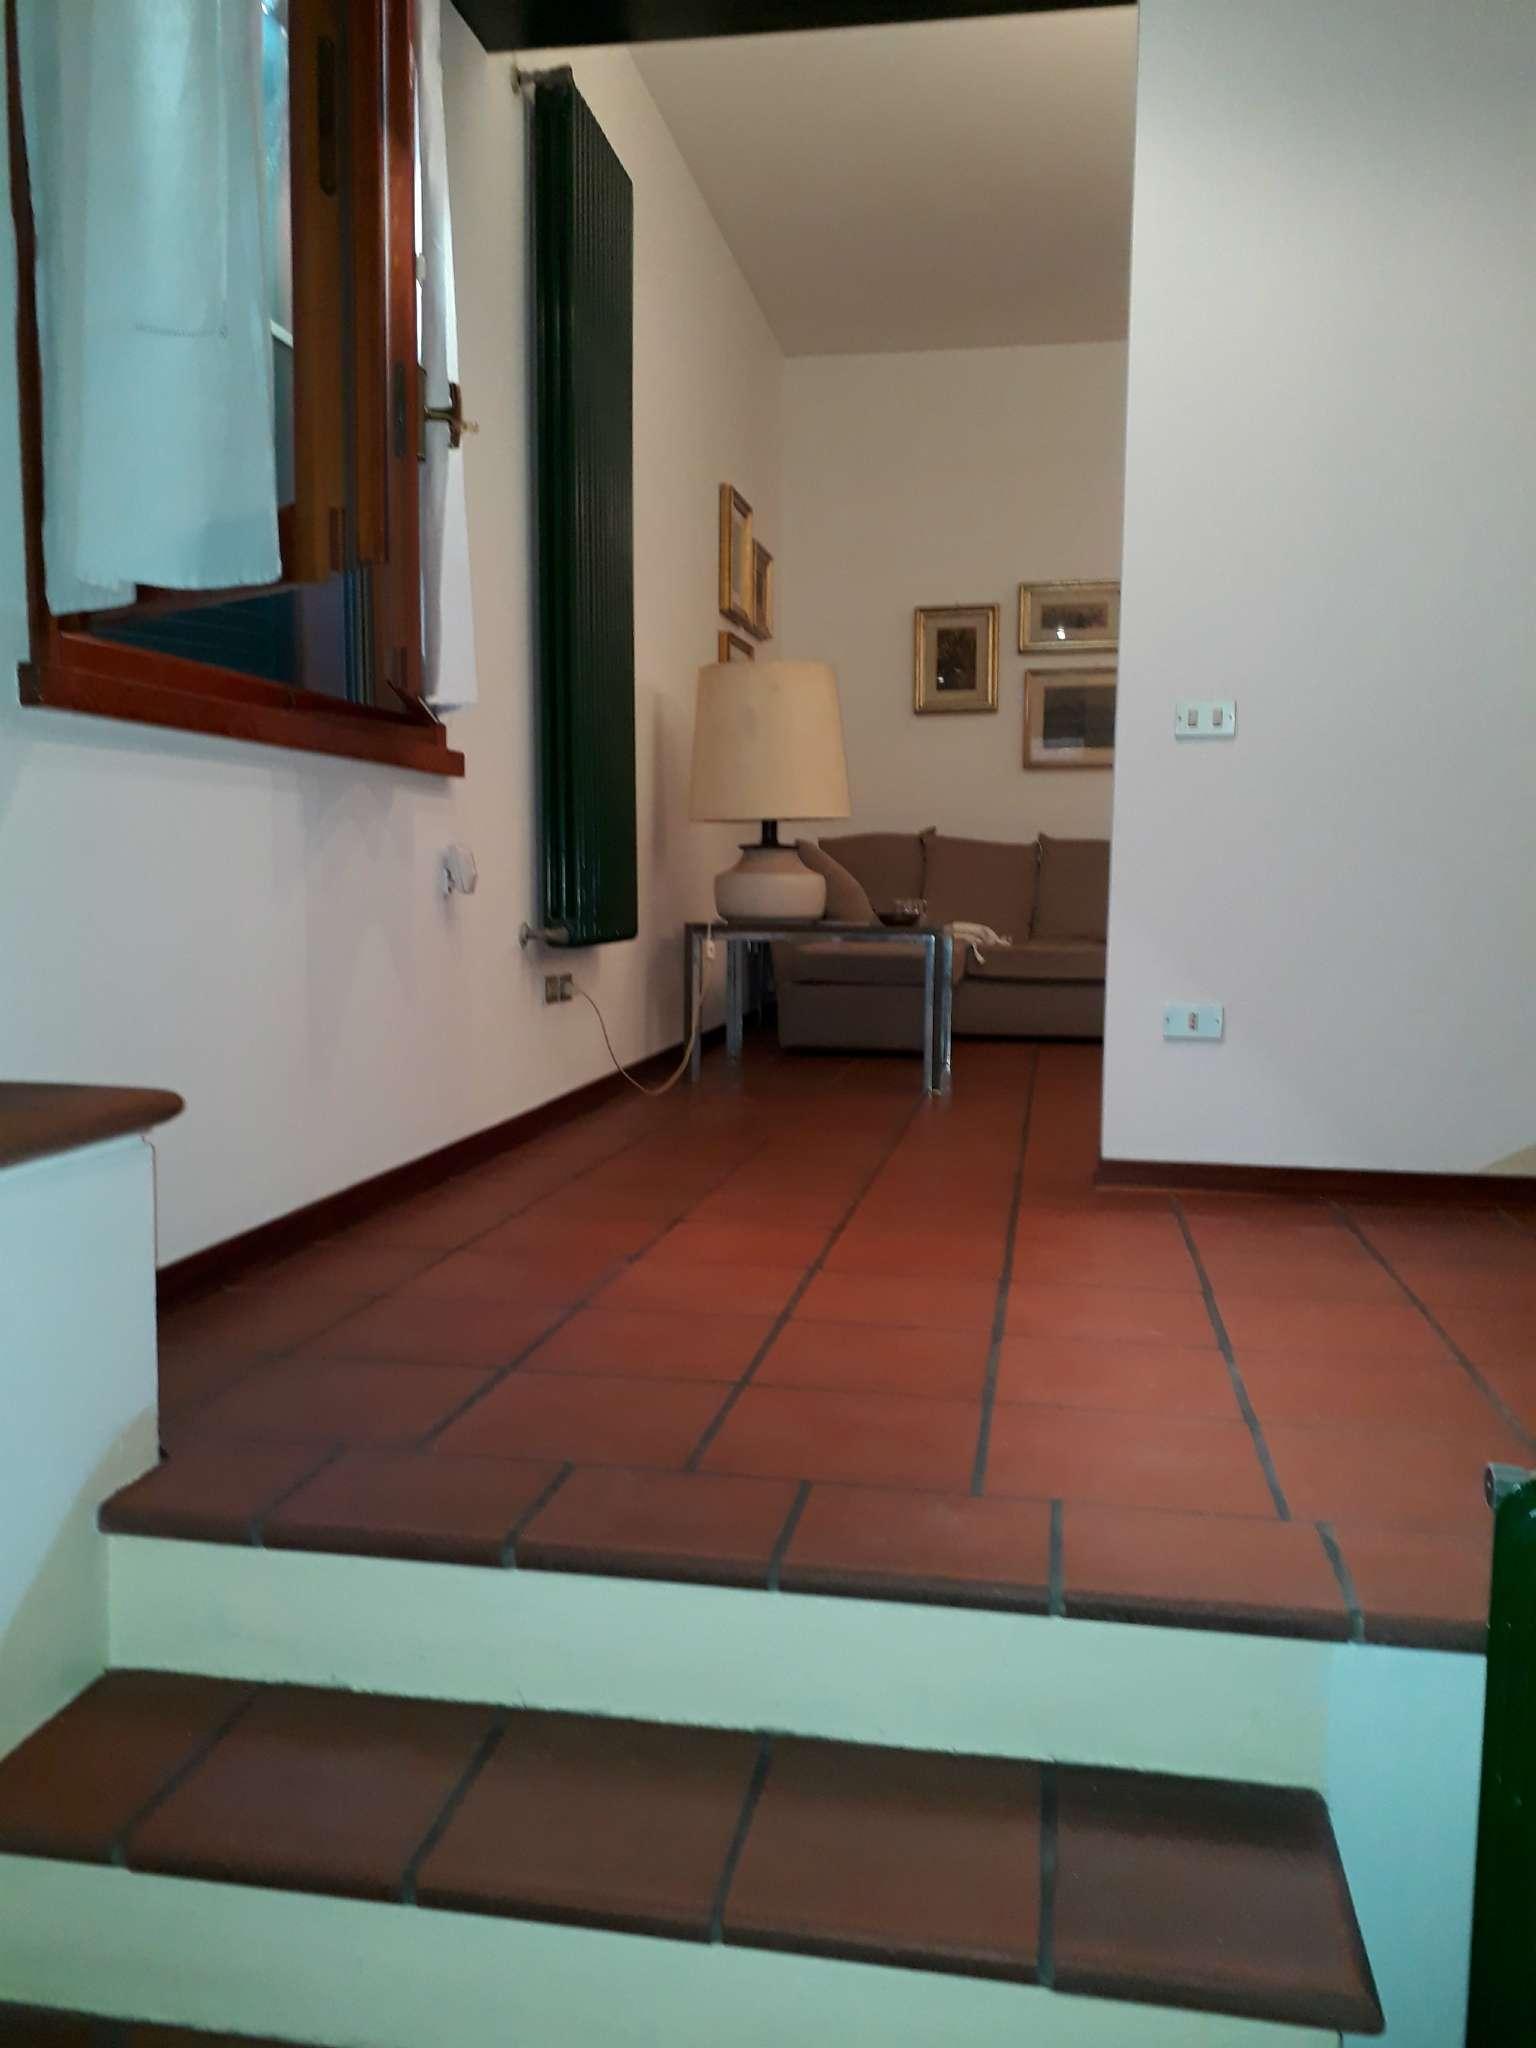 Ravenna Affitto PORZIONE DI CASA Immagine 2